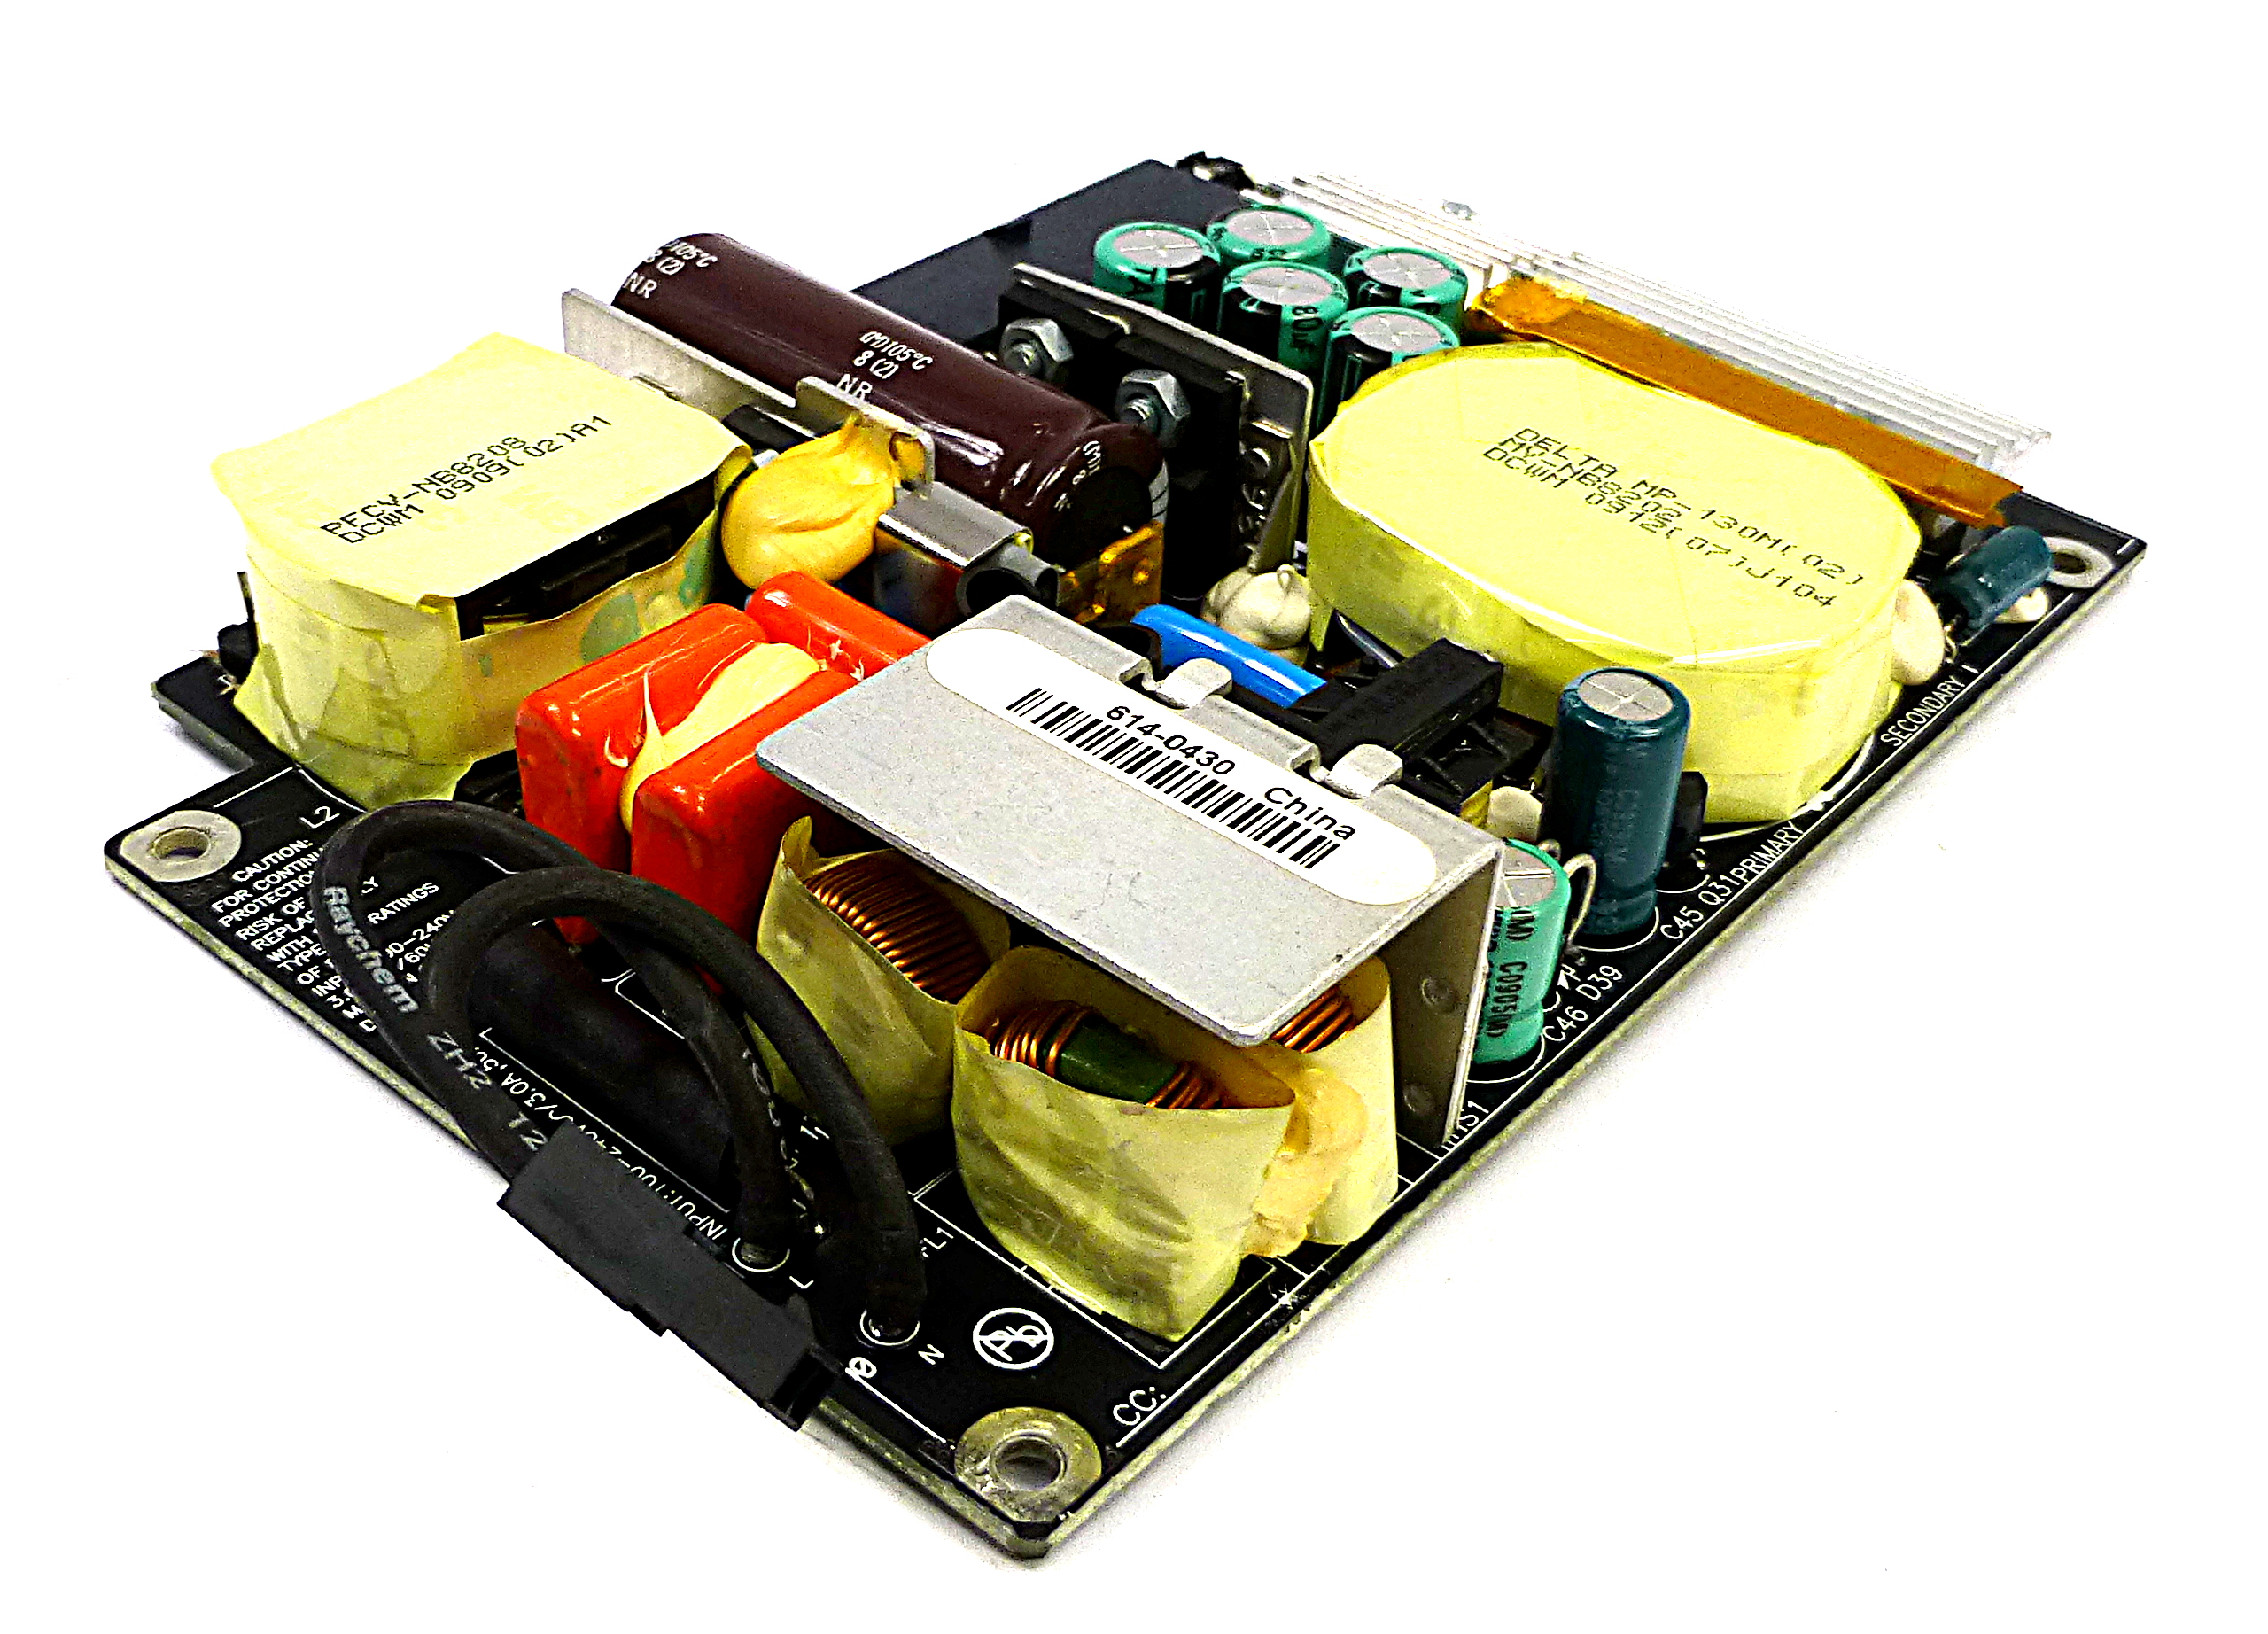 """614-0430 Apple Power Supply /f 20"""" iMac A1224 EMC:2266 - Delta ADP-170AF B"""